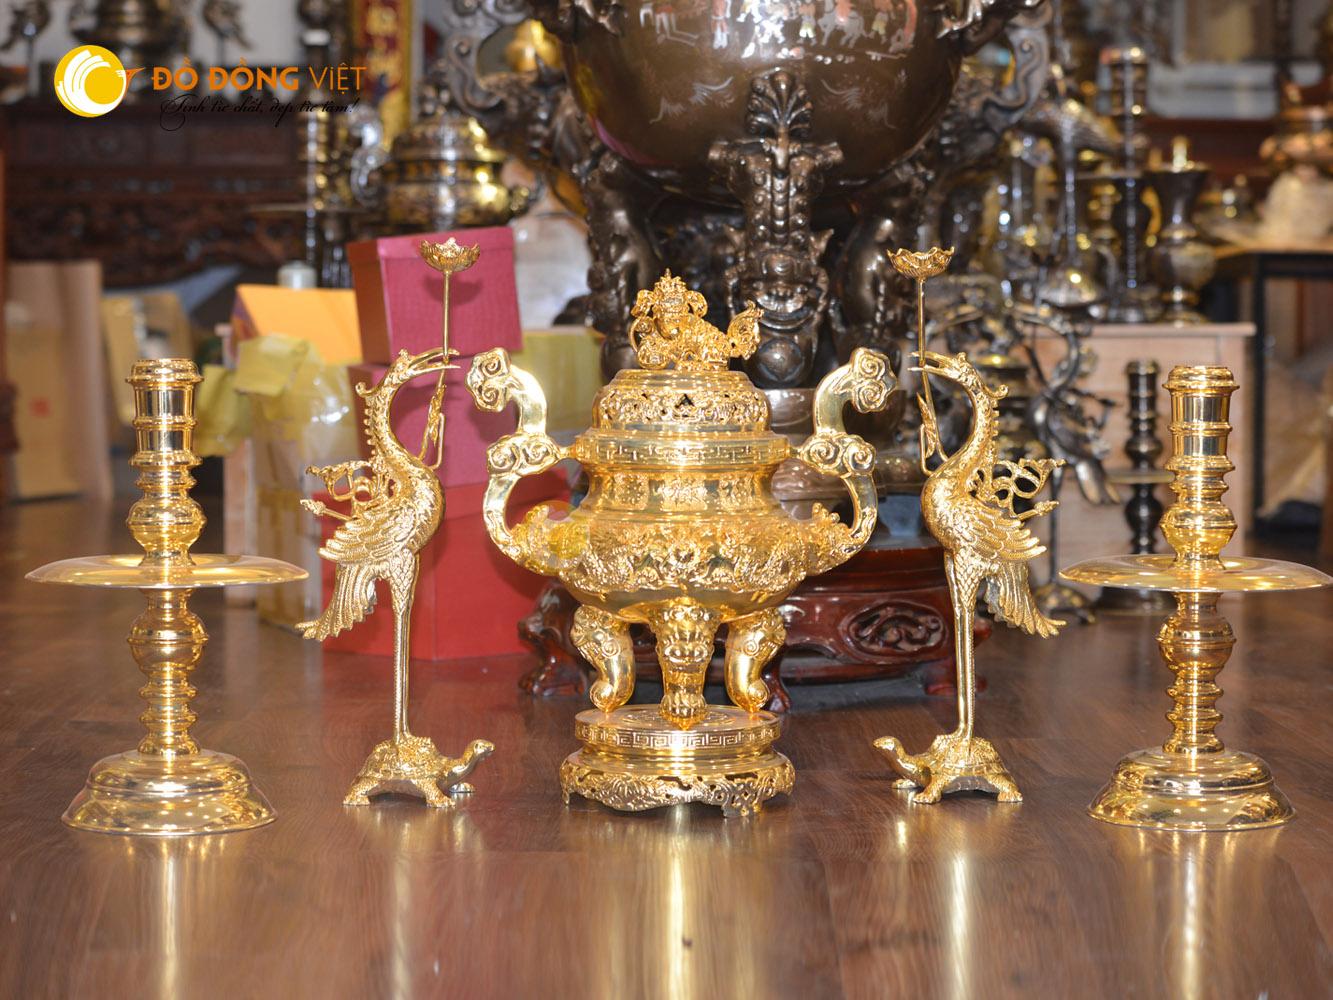 Đỉnh đồng thờ cúng dát vàng 24k cao 60cm0